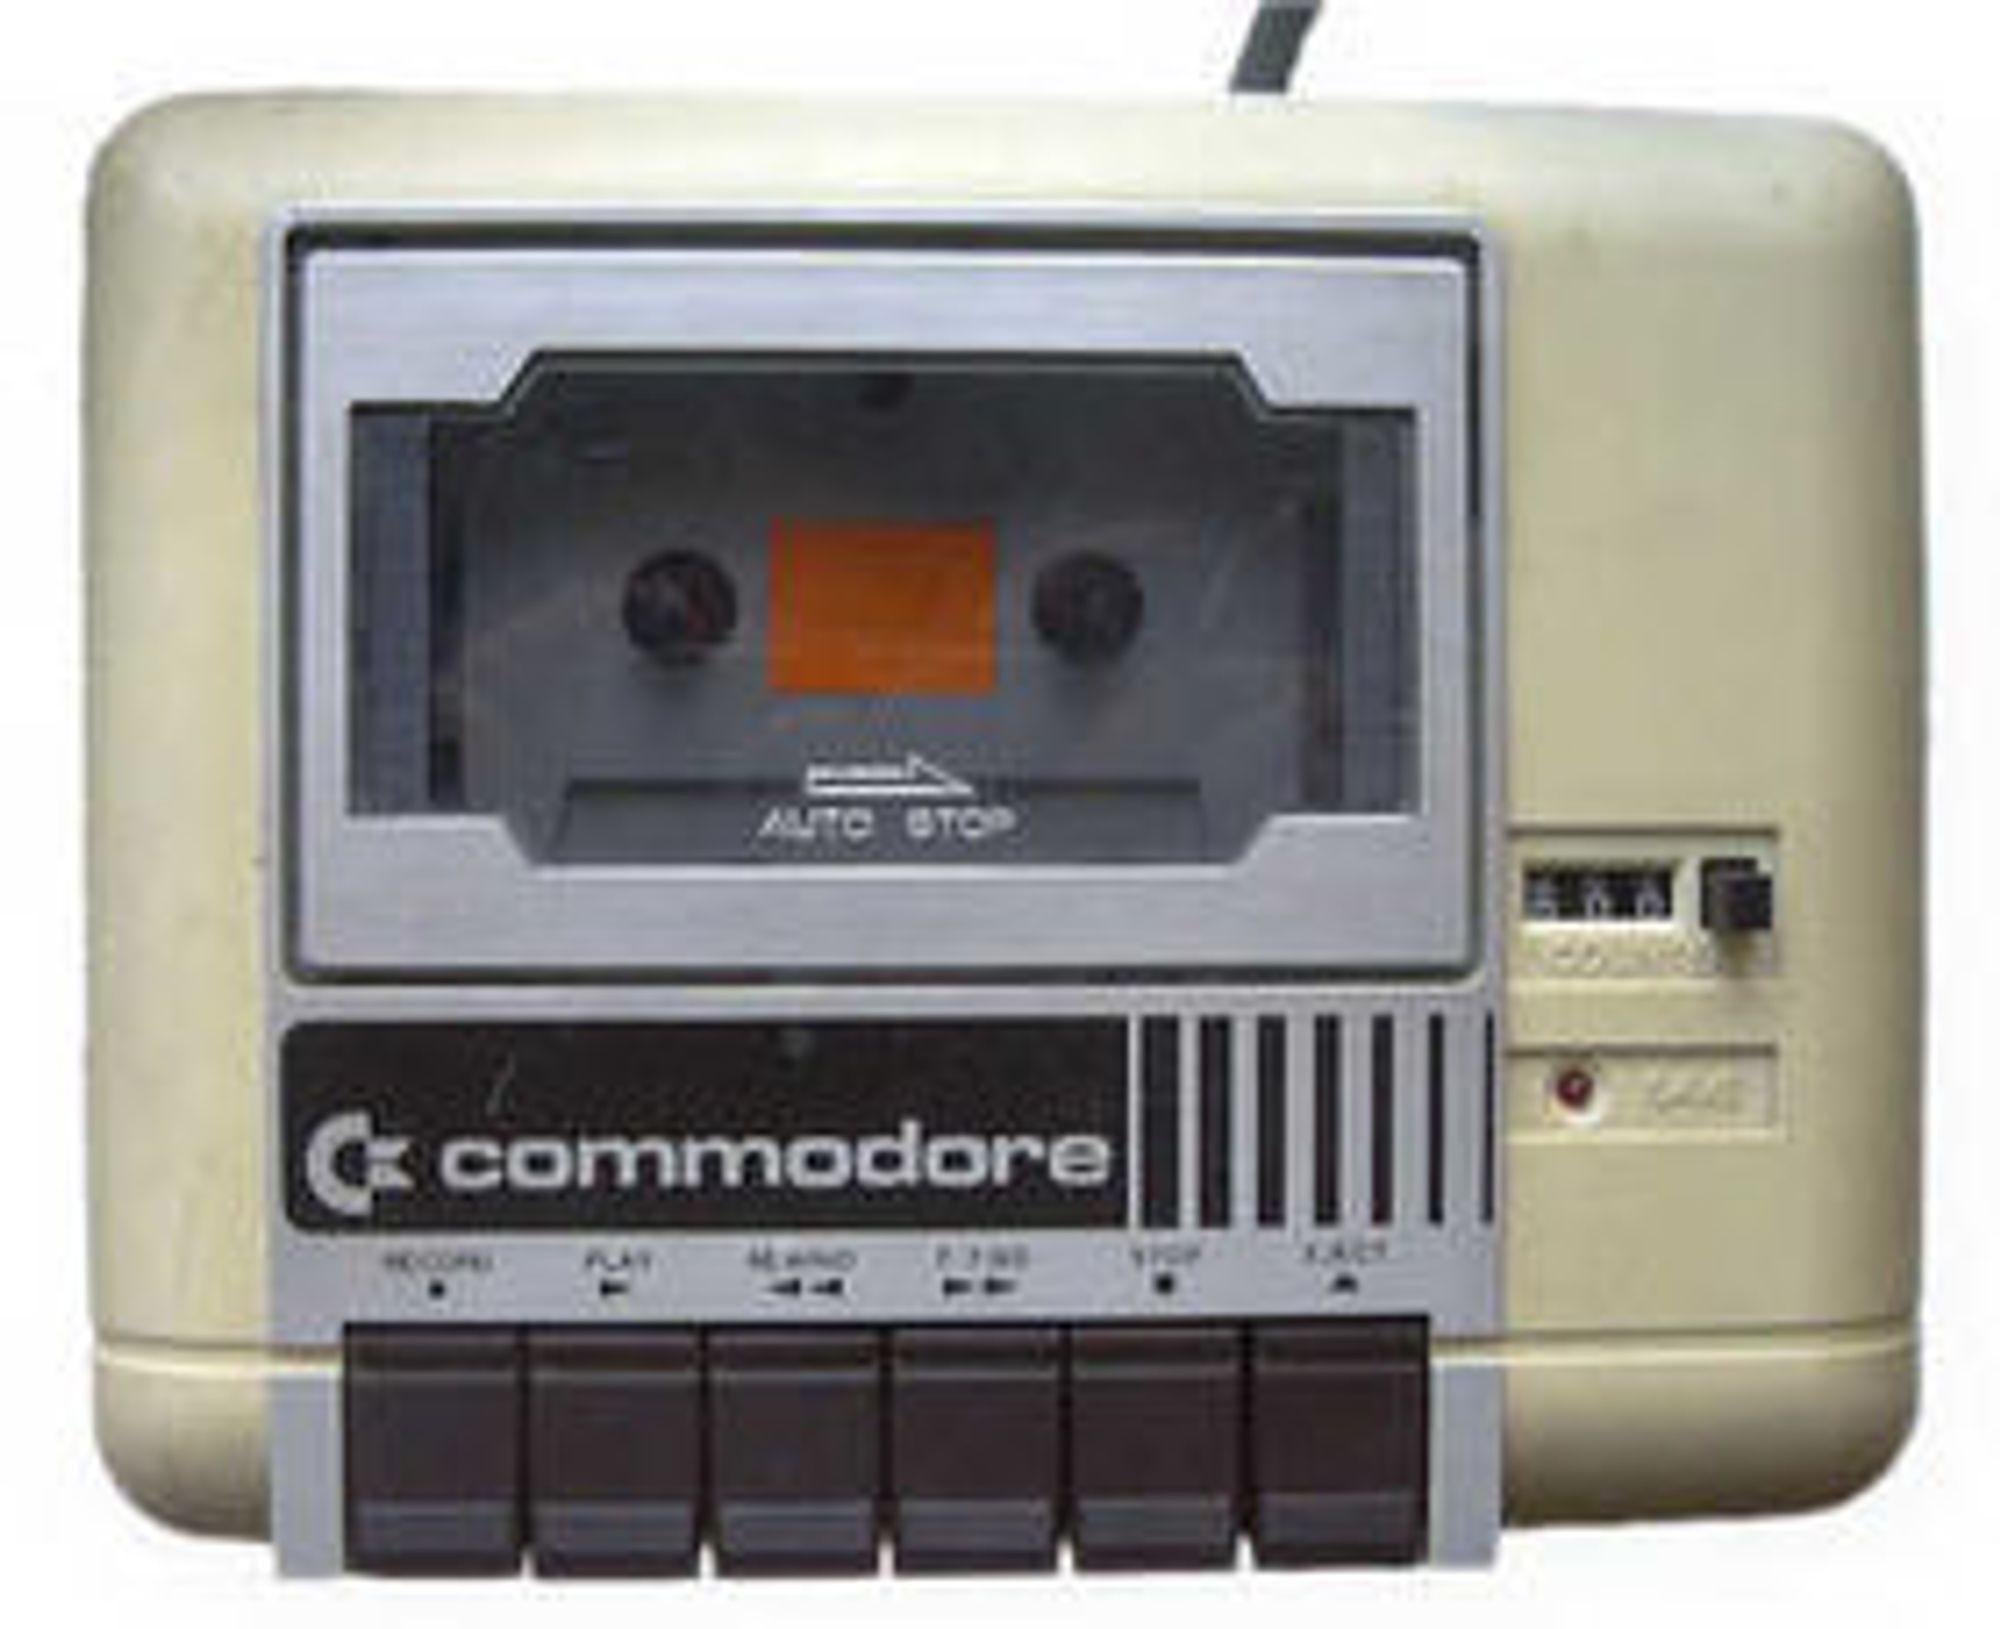 Commodore Datasette 1530, kassettspilleren til Commodore 64. Legg merke til posisjonstelleren. Den var helt nødvendig for å finne fram til programvare som ikke var lagt helt i starten på tapen.